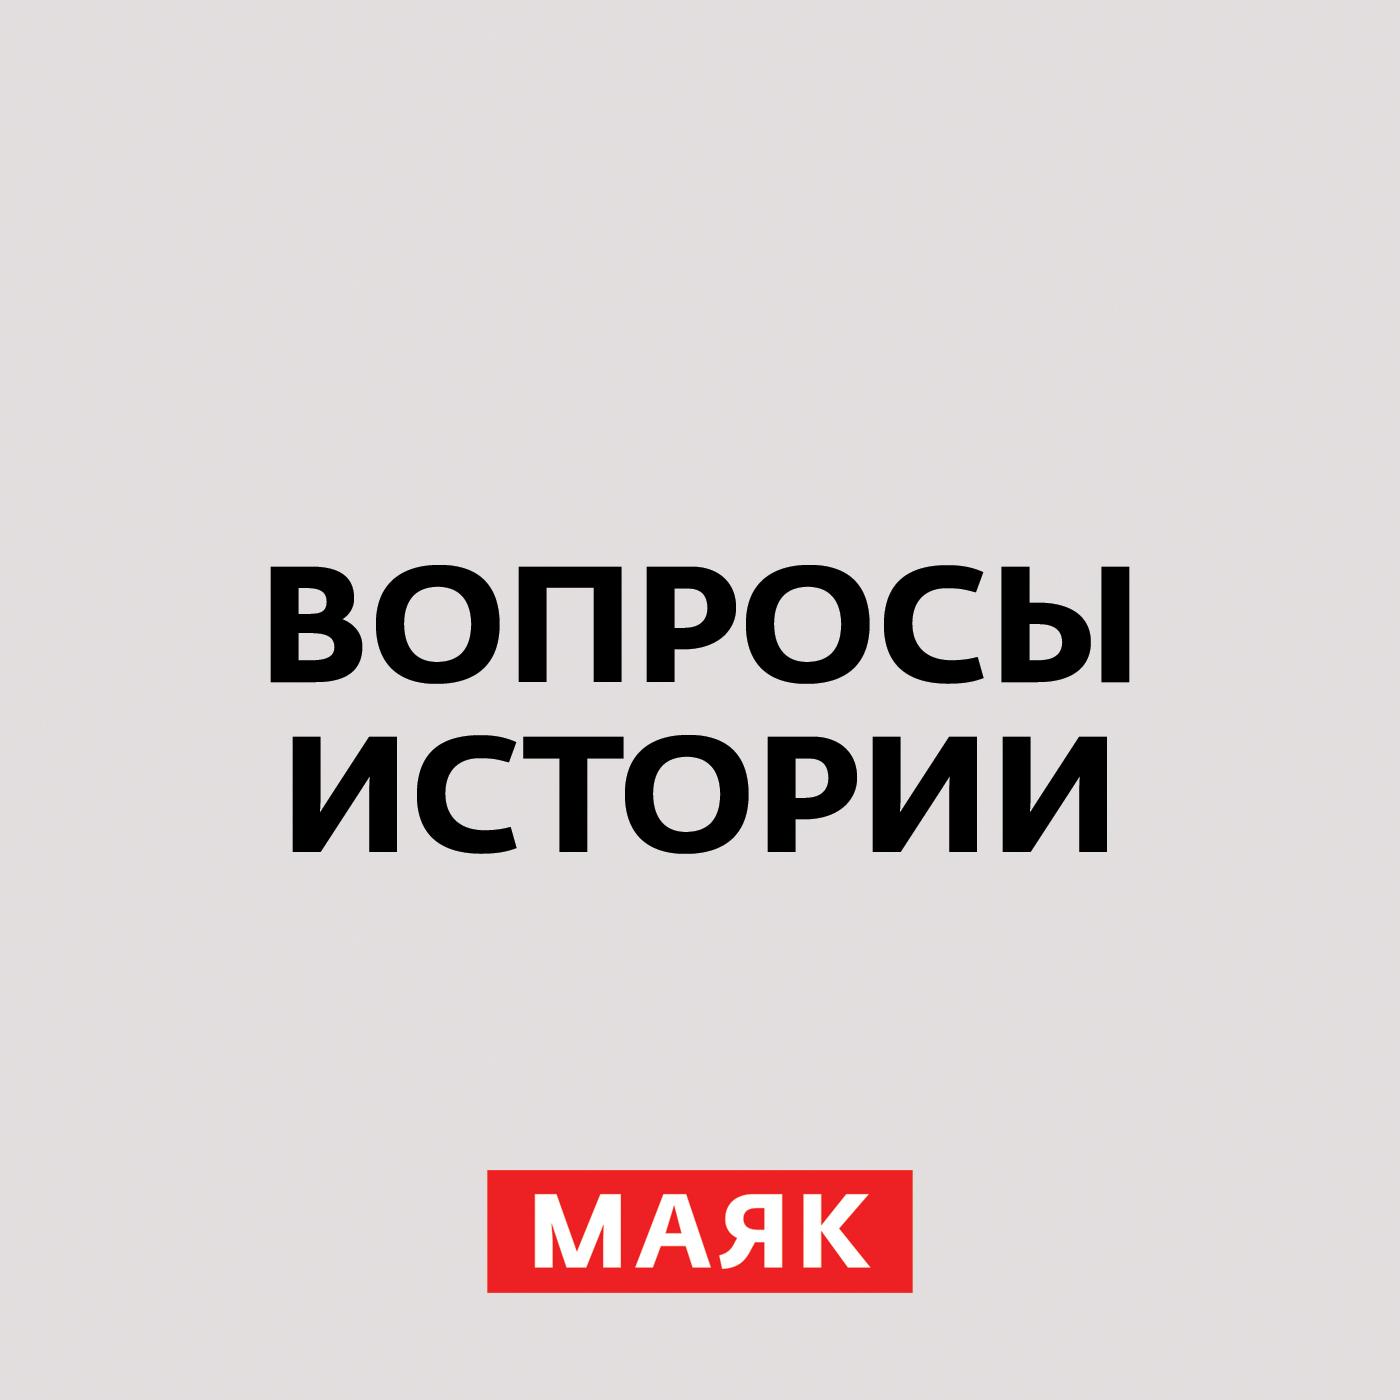 Андрей Светенко А война всё не кончалась… андрей светенко при анализе начала второй мировой всплывает много интересного часть 1